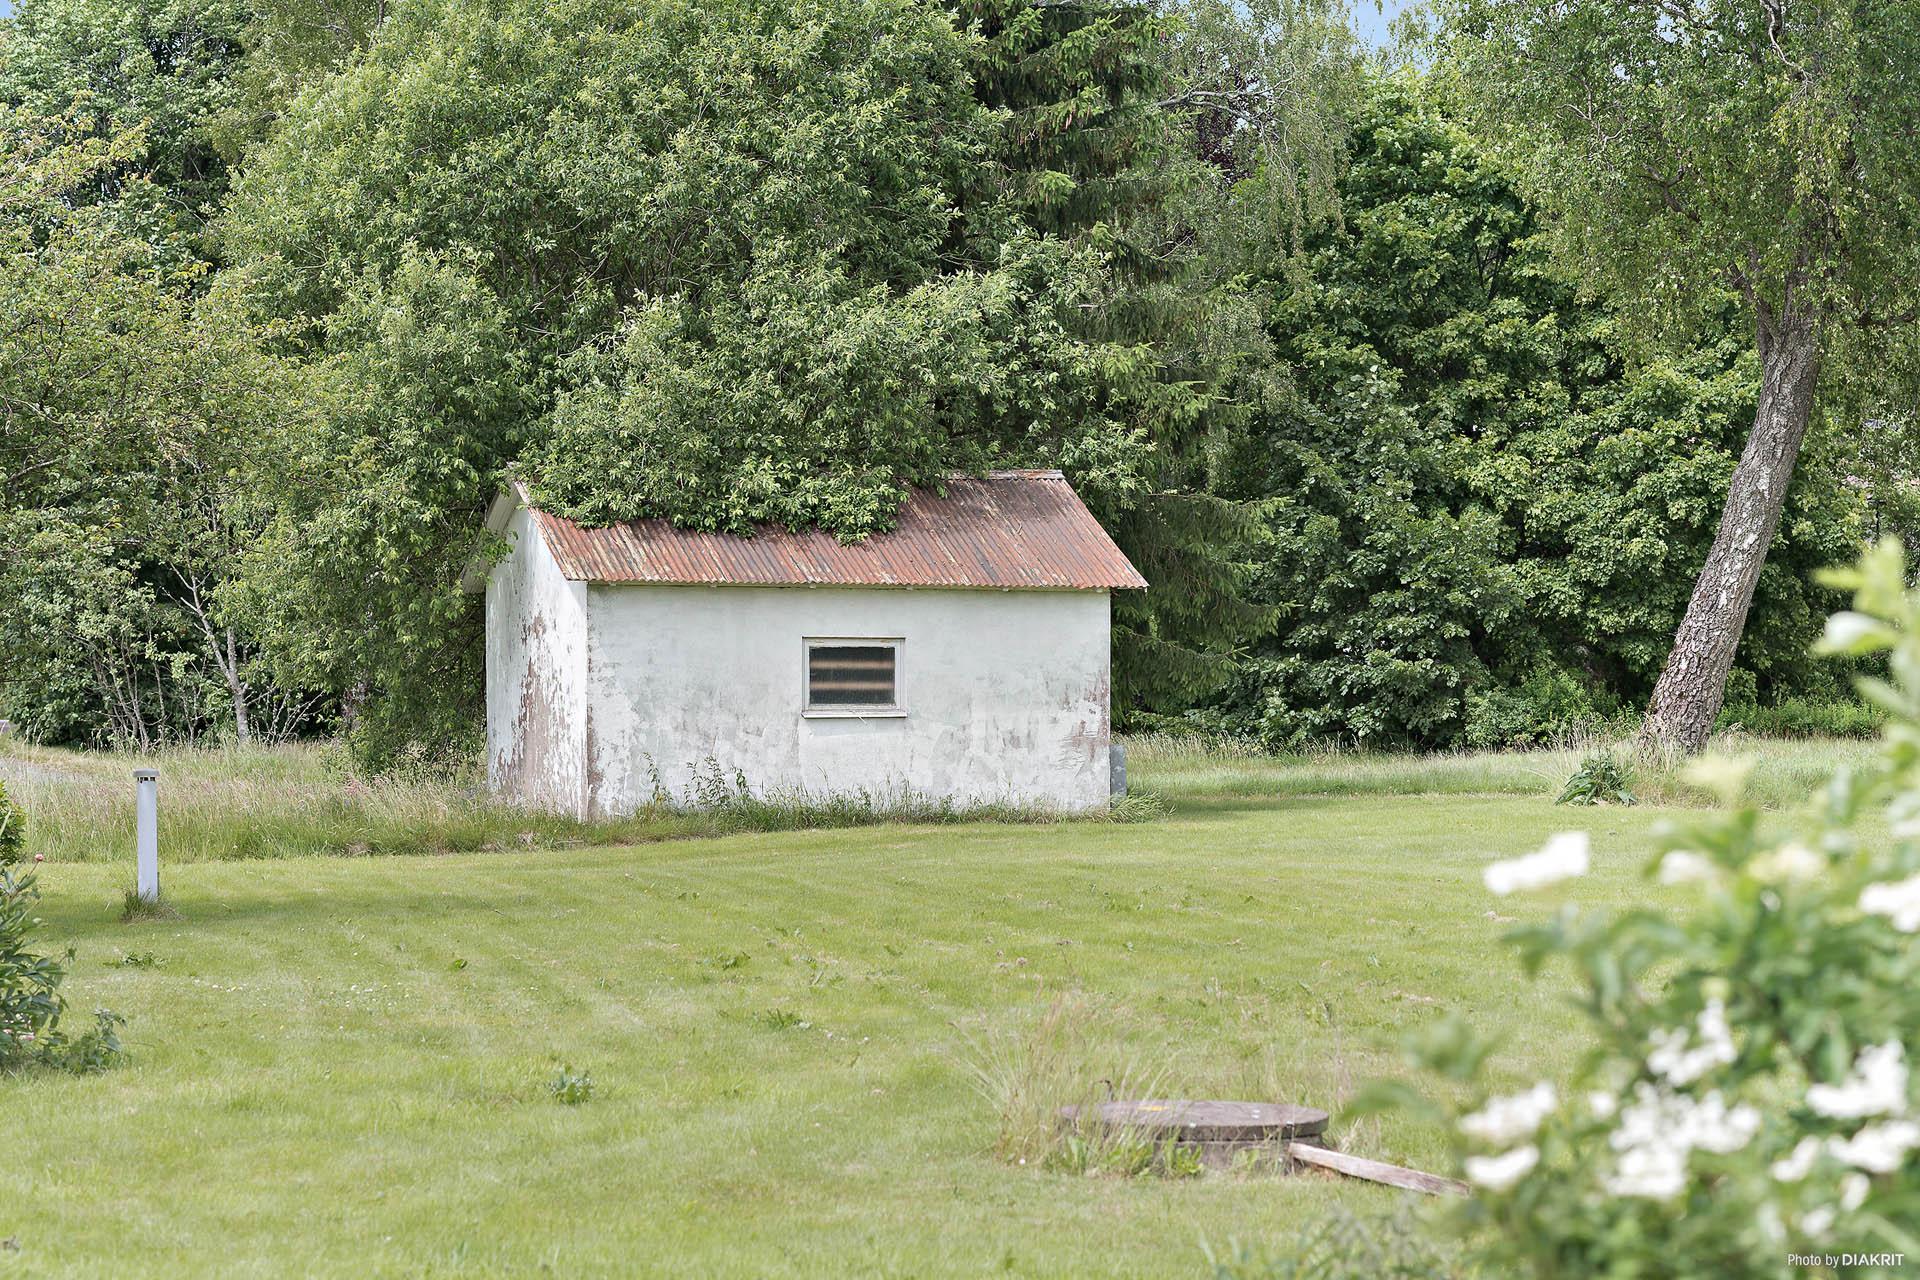 Fryshuset är friköpt och tillhör fastigheten men marken det ligger på arrenderad mark. Arrendet löper 37 år till.